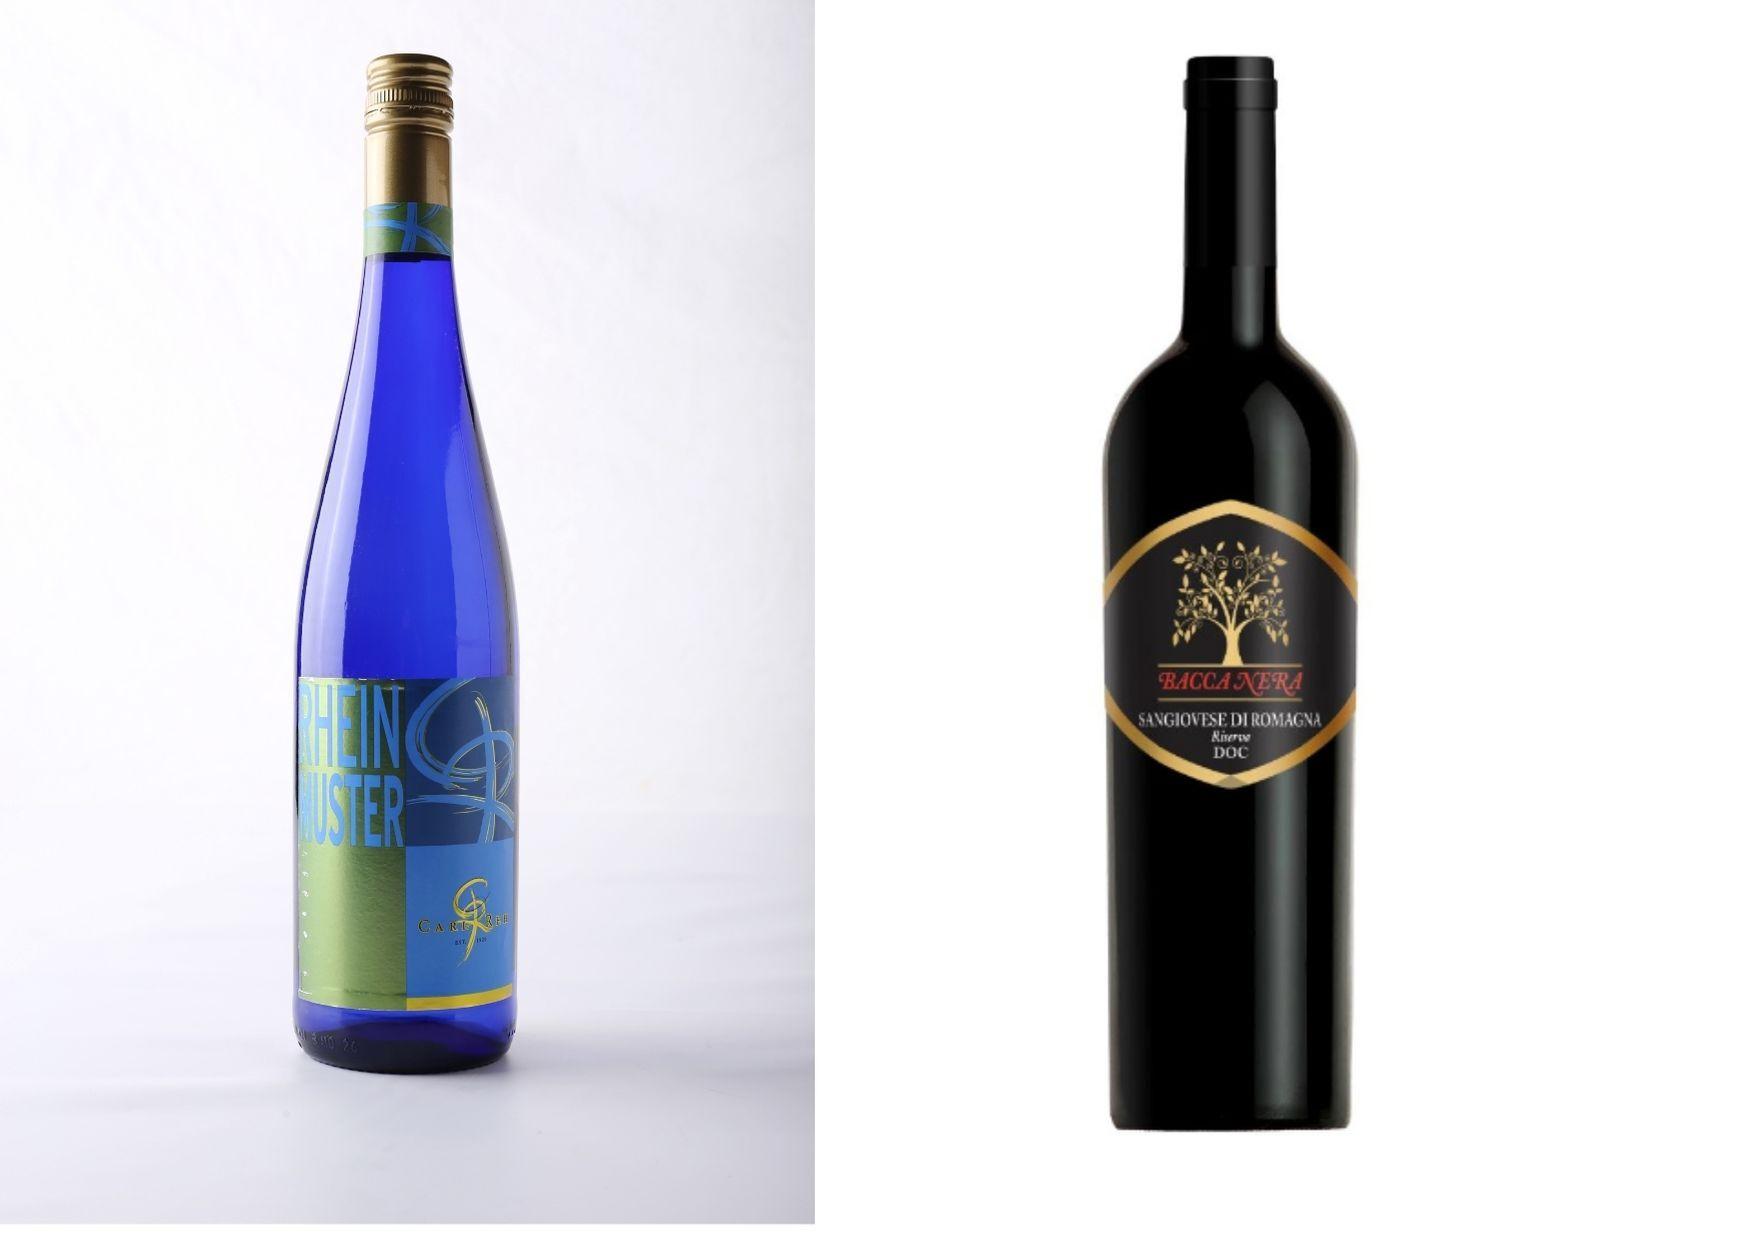 【送料込み】おすすめ赤白ワイン2本セットB